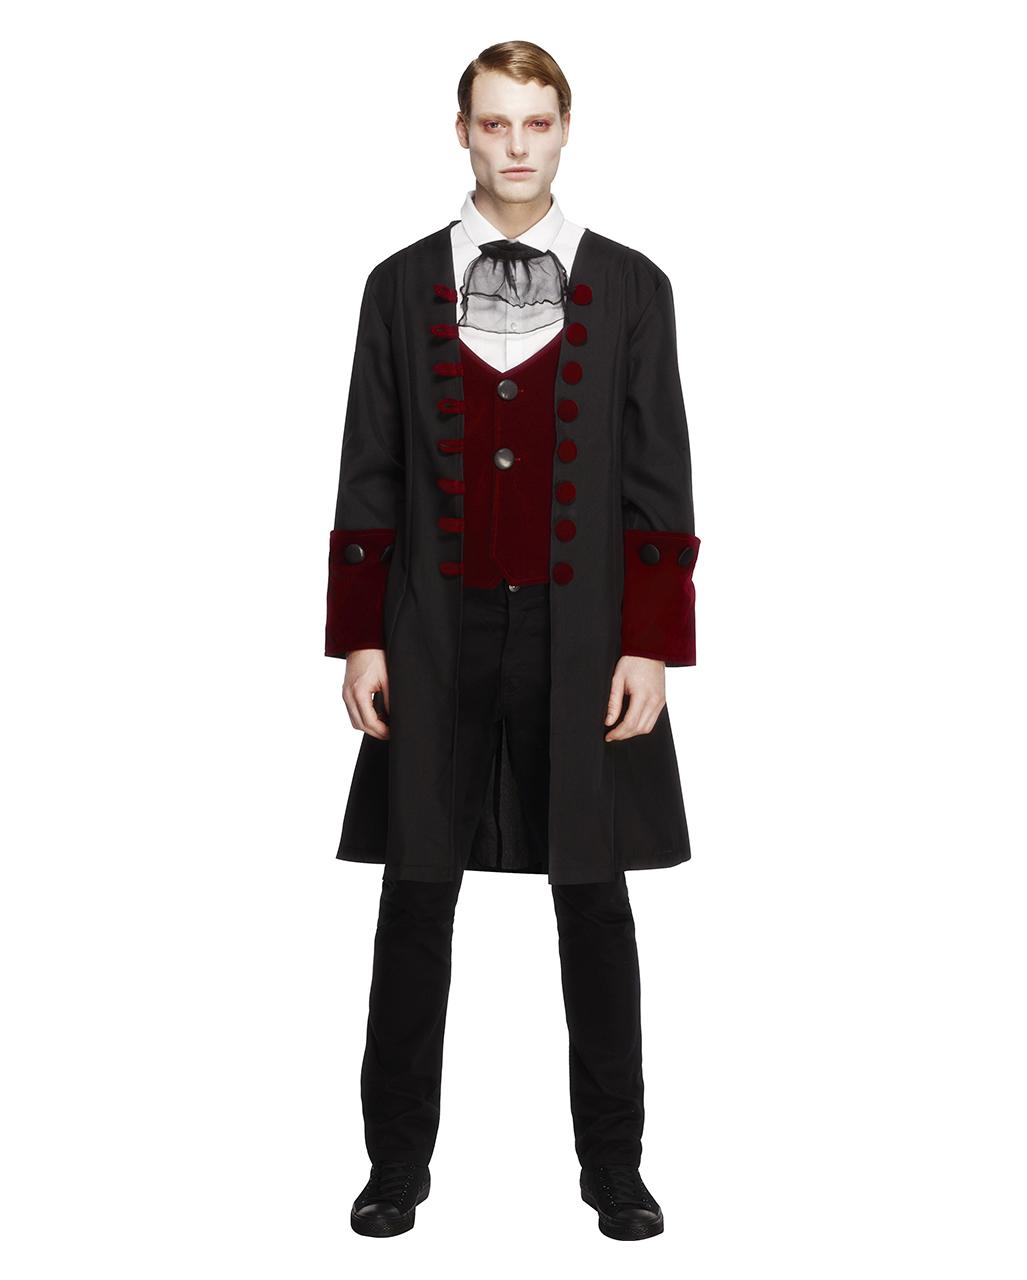 Gothic Vampir Herren Kostüm | Viktorianischer Gehrock mit Weste und ...